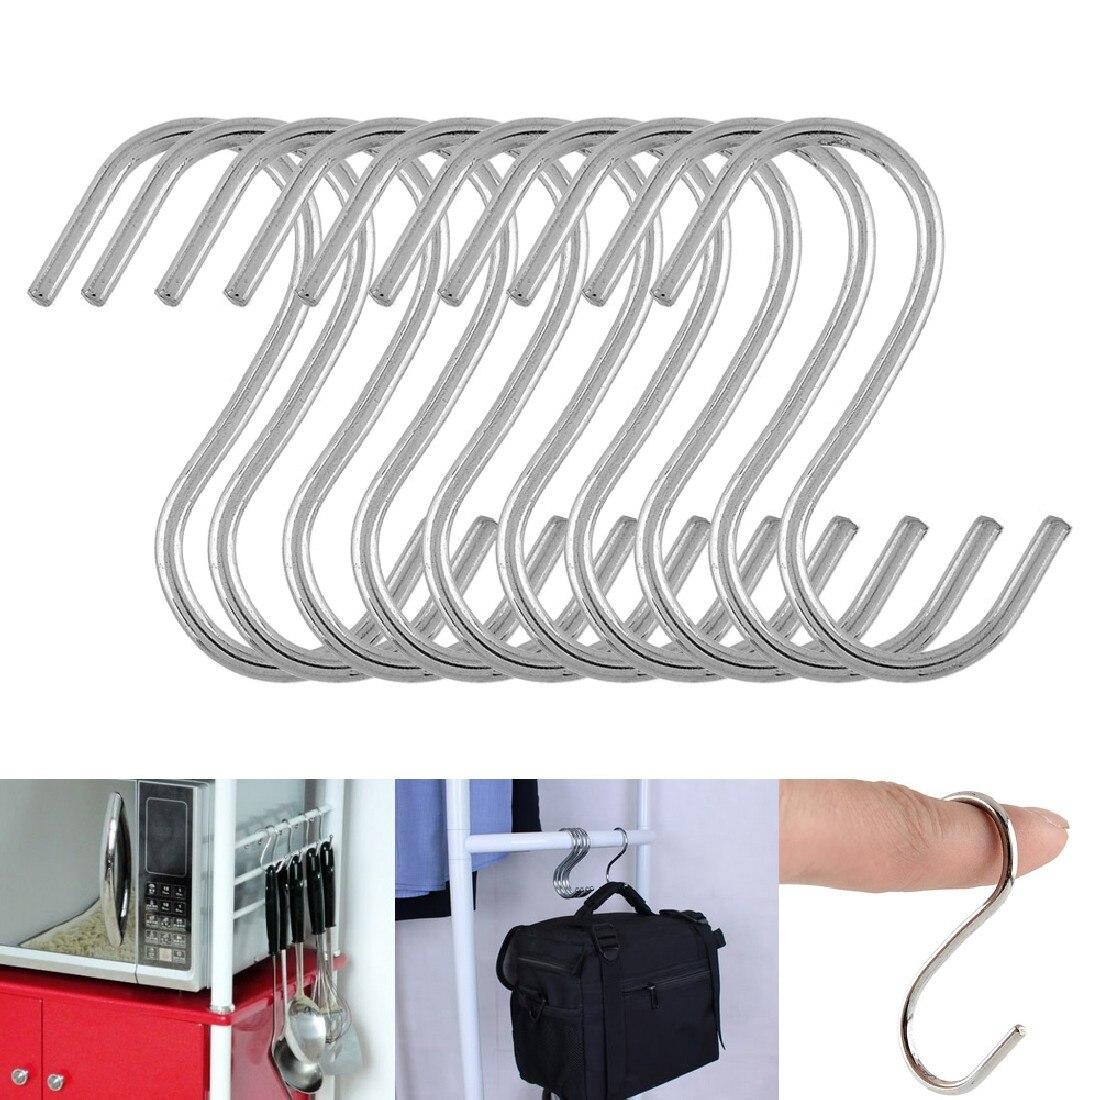 Nuevos ganchos en forma de S de 10 Uds. Para cocina, colgador colgante de sartén, organizador de almacenaje de ropa, básico para el hogar